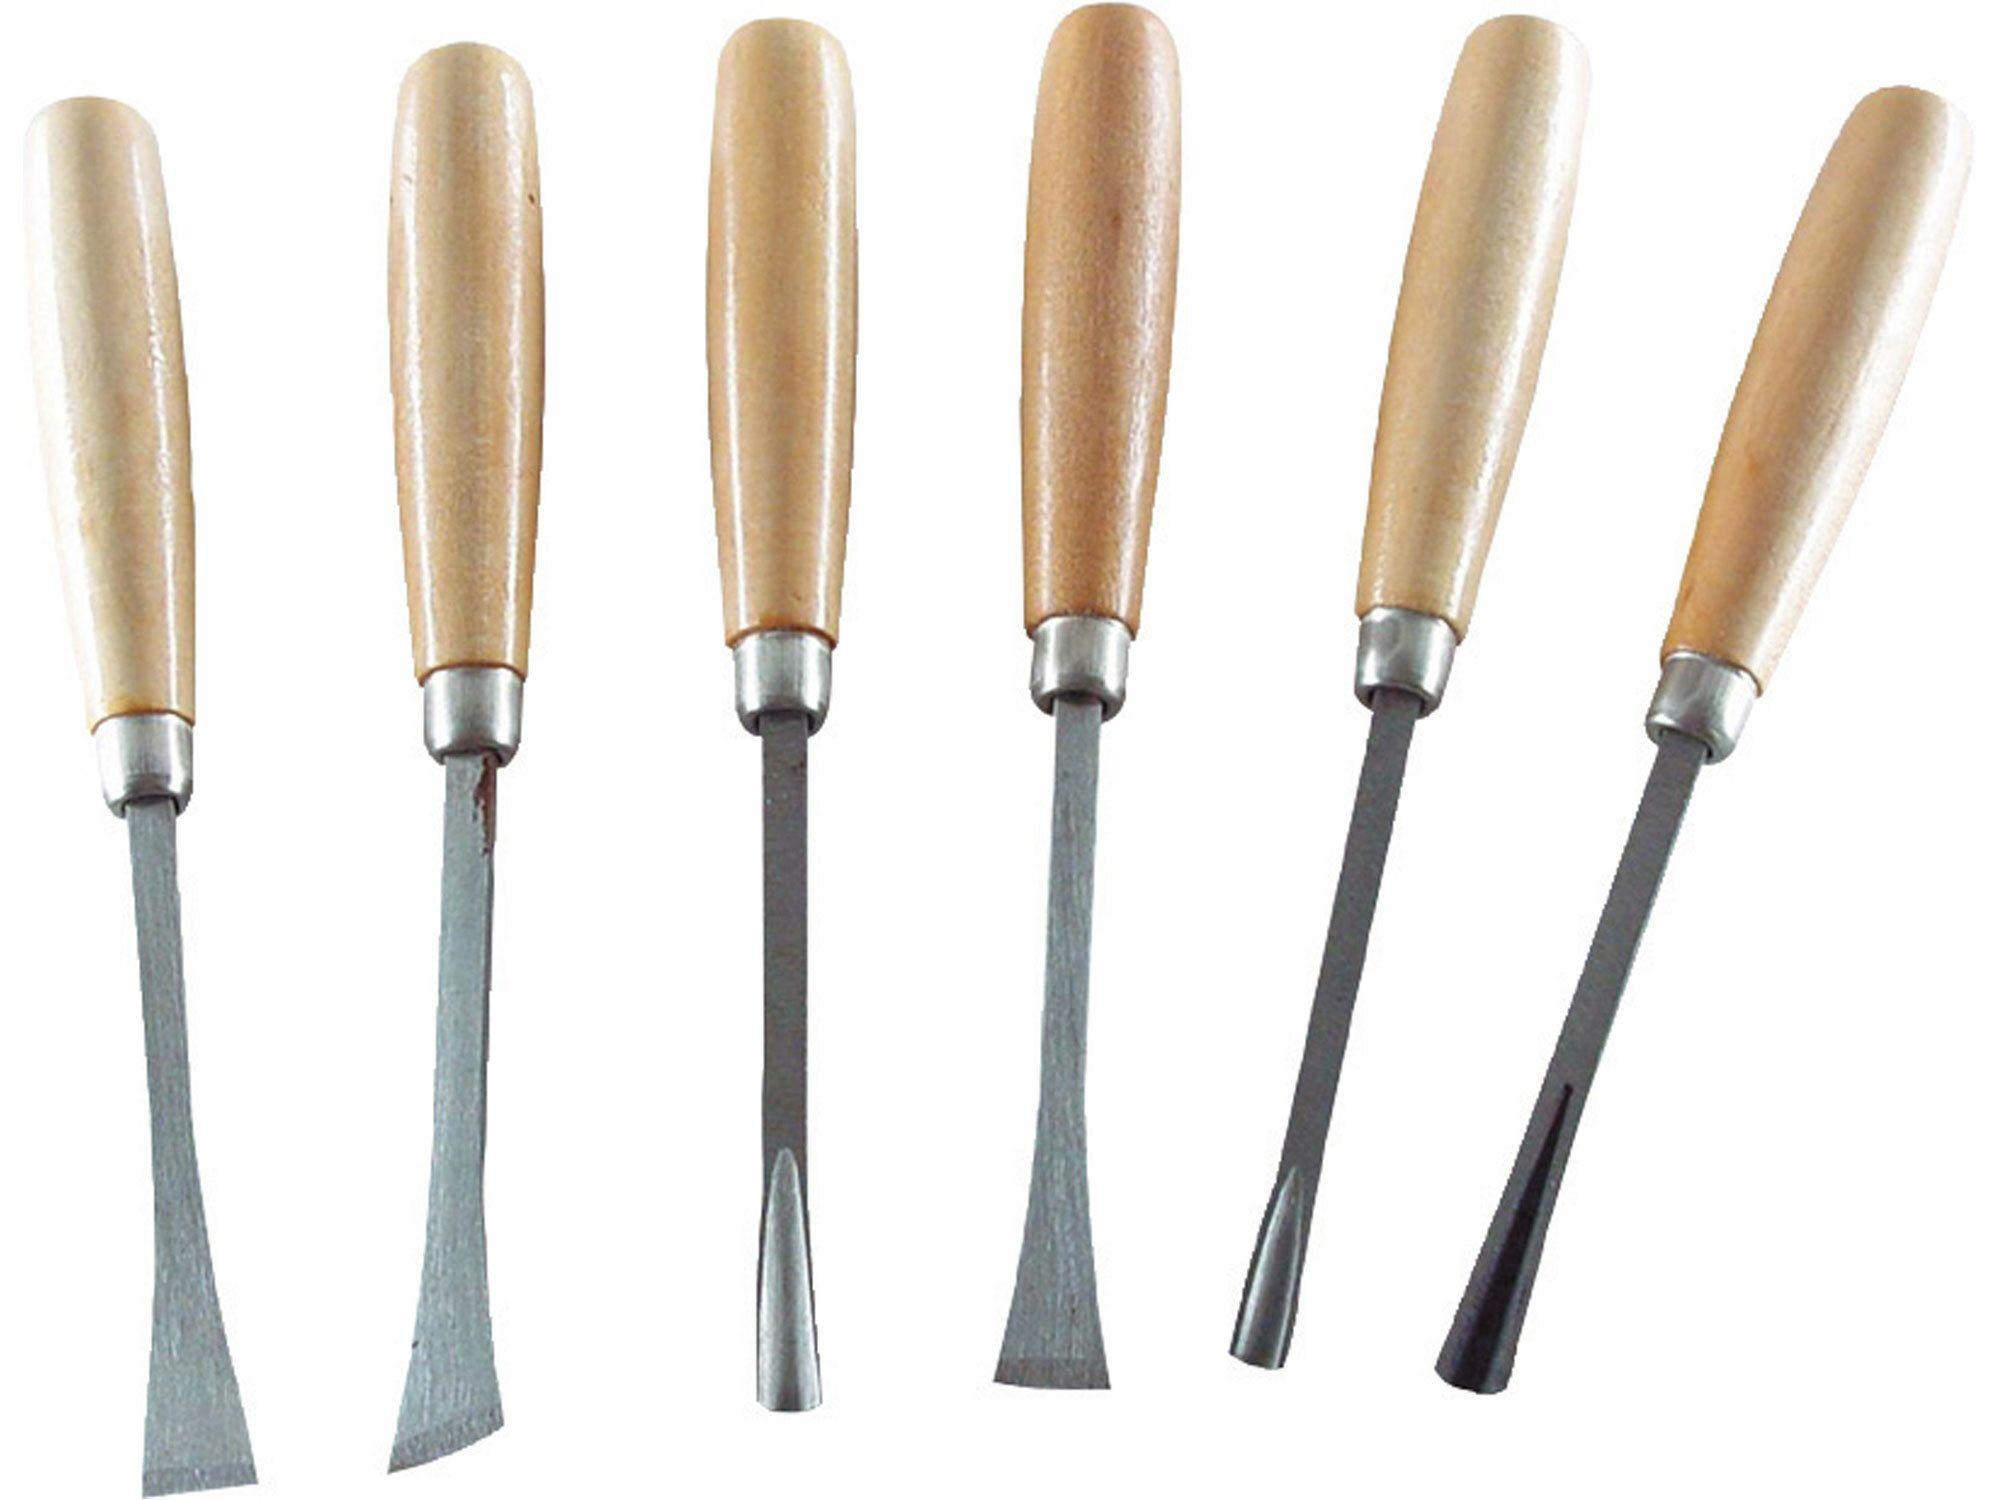 Dláta řezbářská s dřevěnou rukojetí, sada 6ks, délka dlát 165mm, EXTOL CRAFT 3936